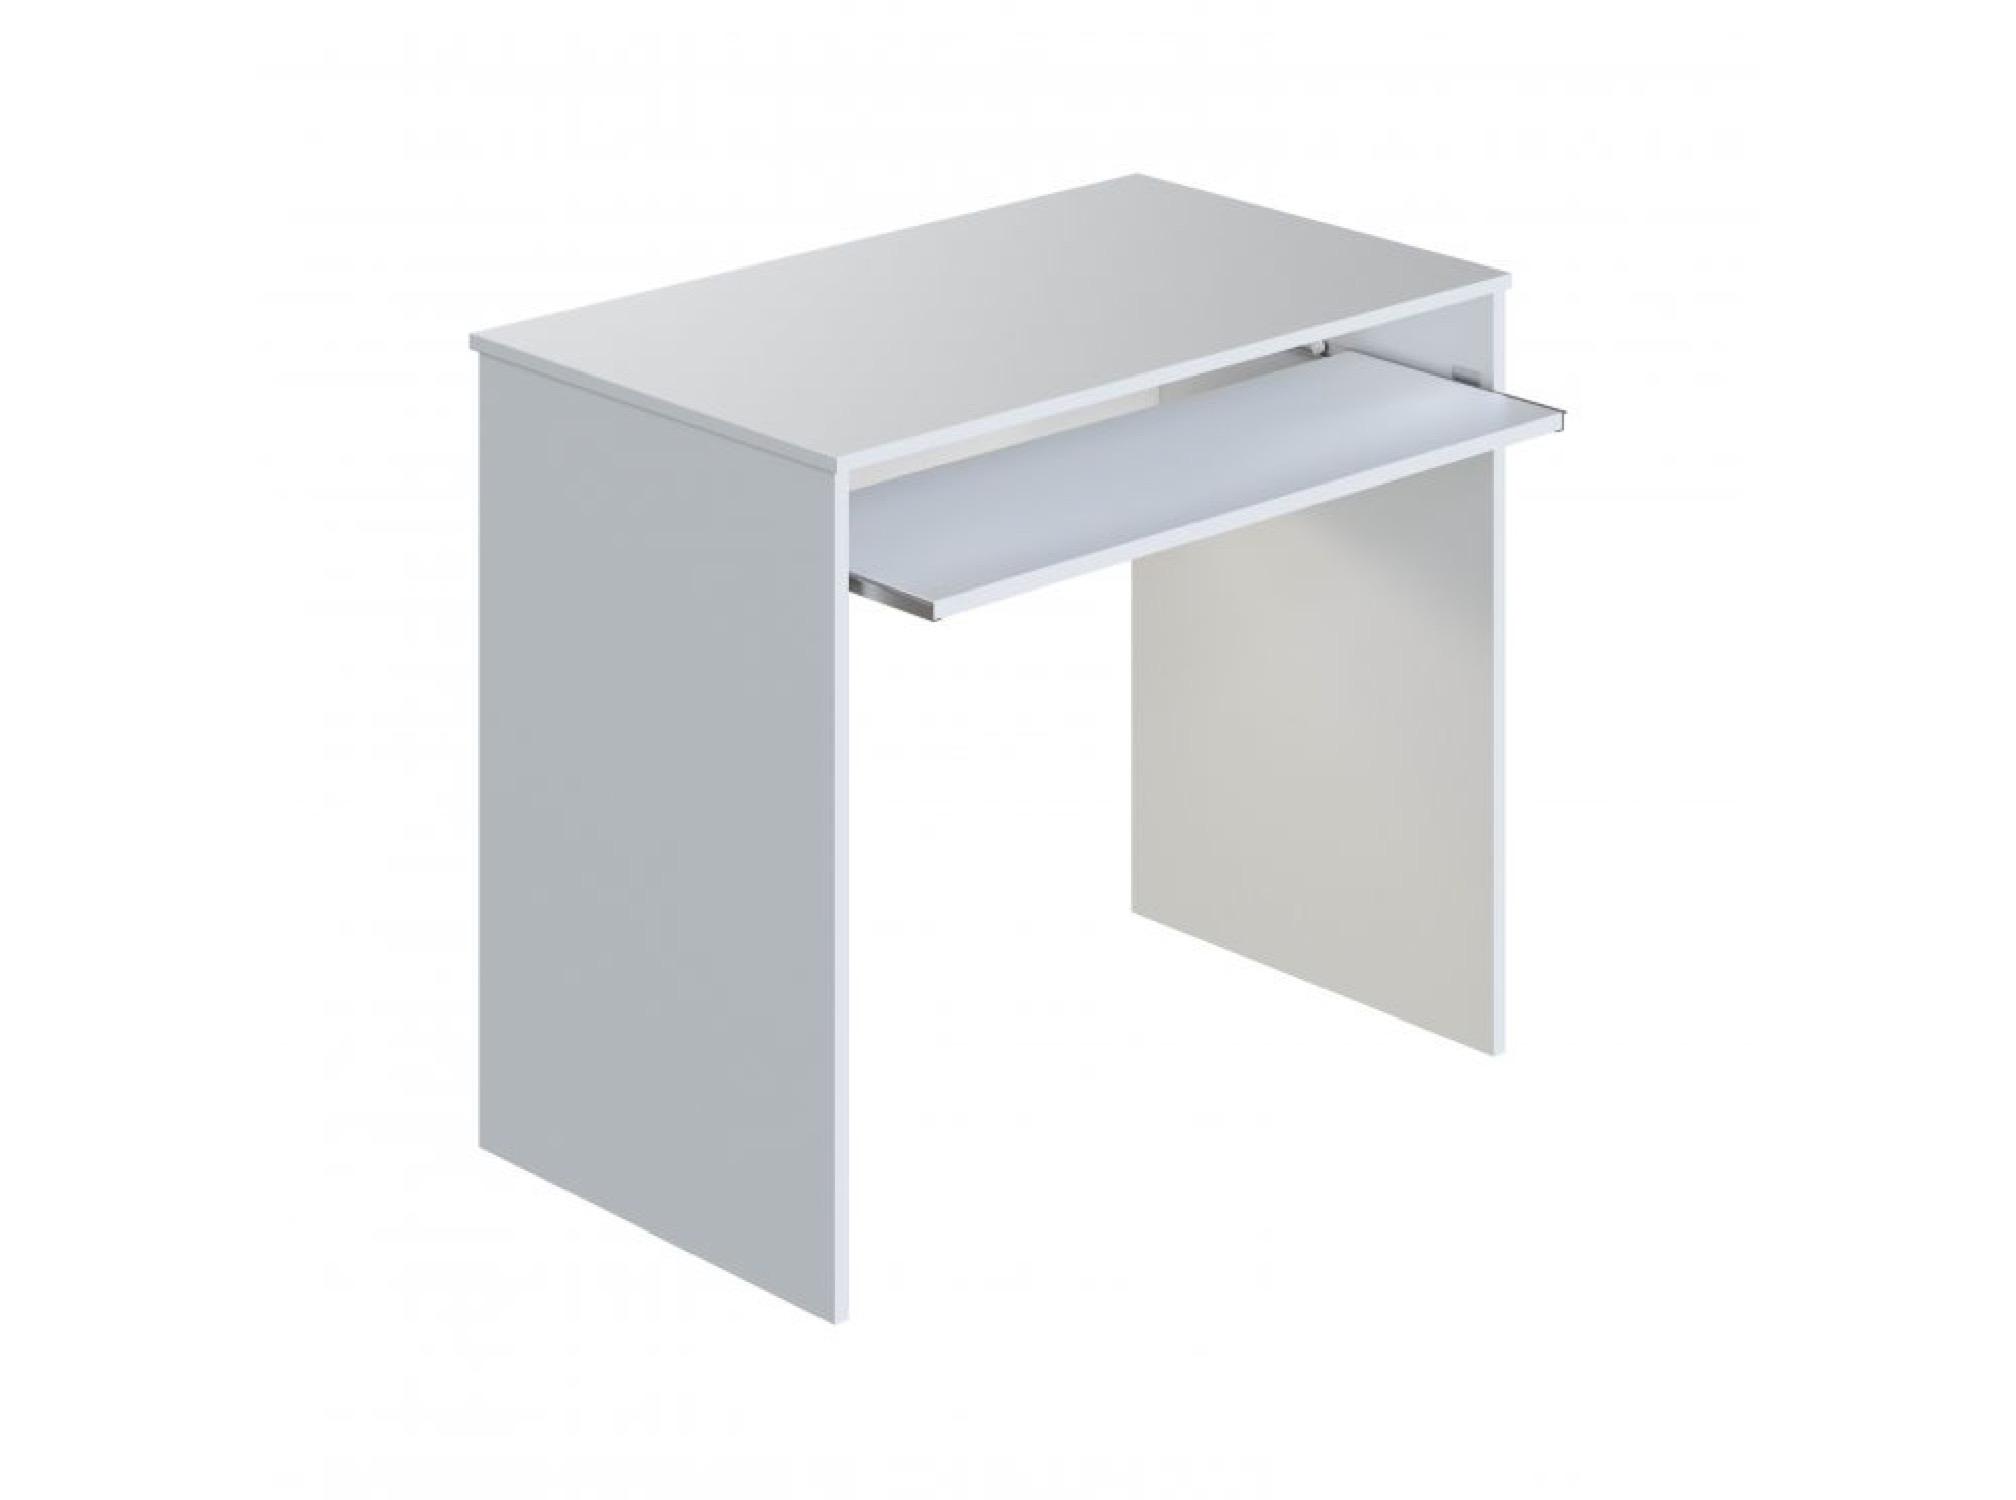 Bureau blanc avec tablette extractible L90cm x H79cm